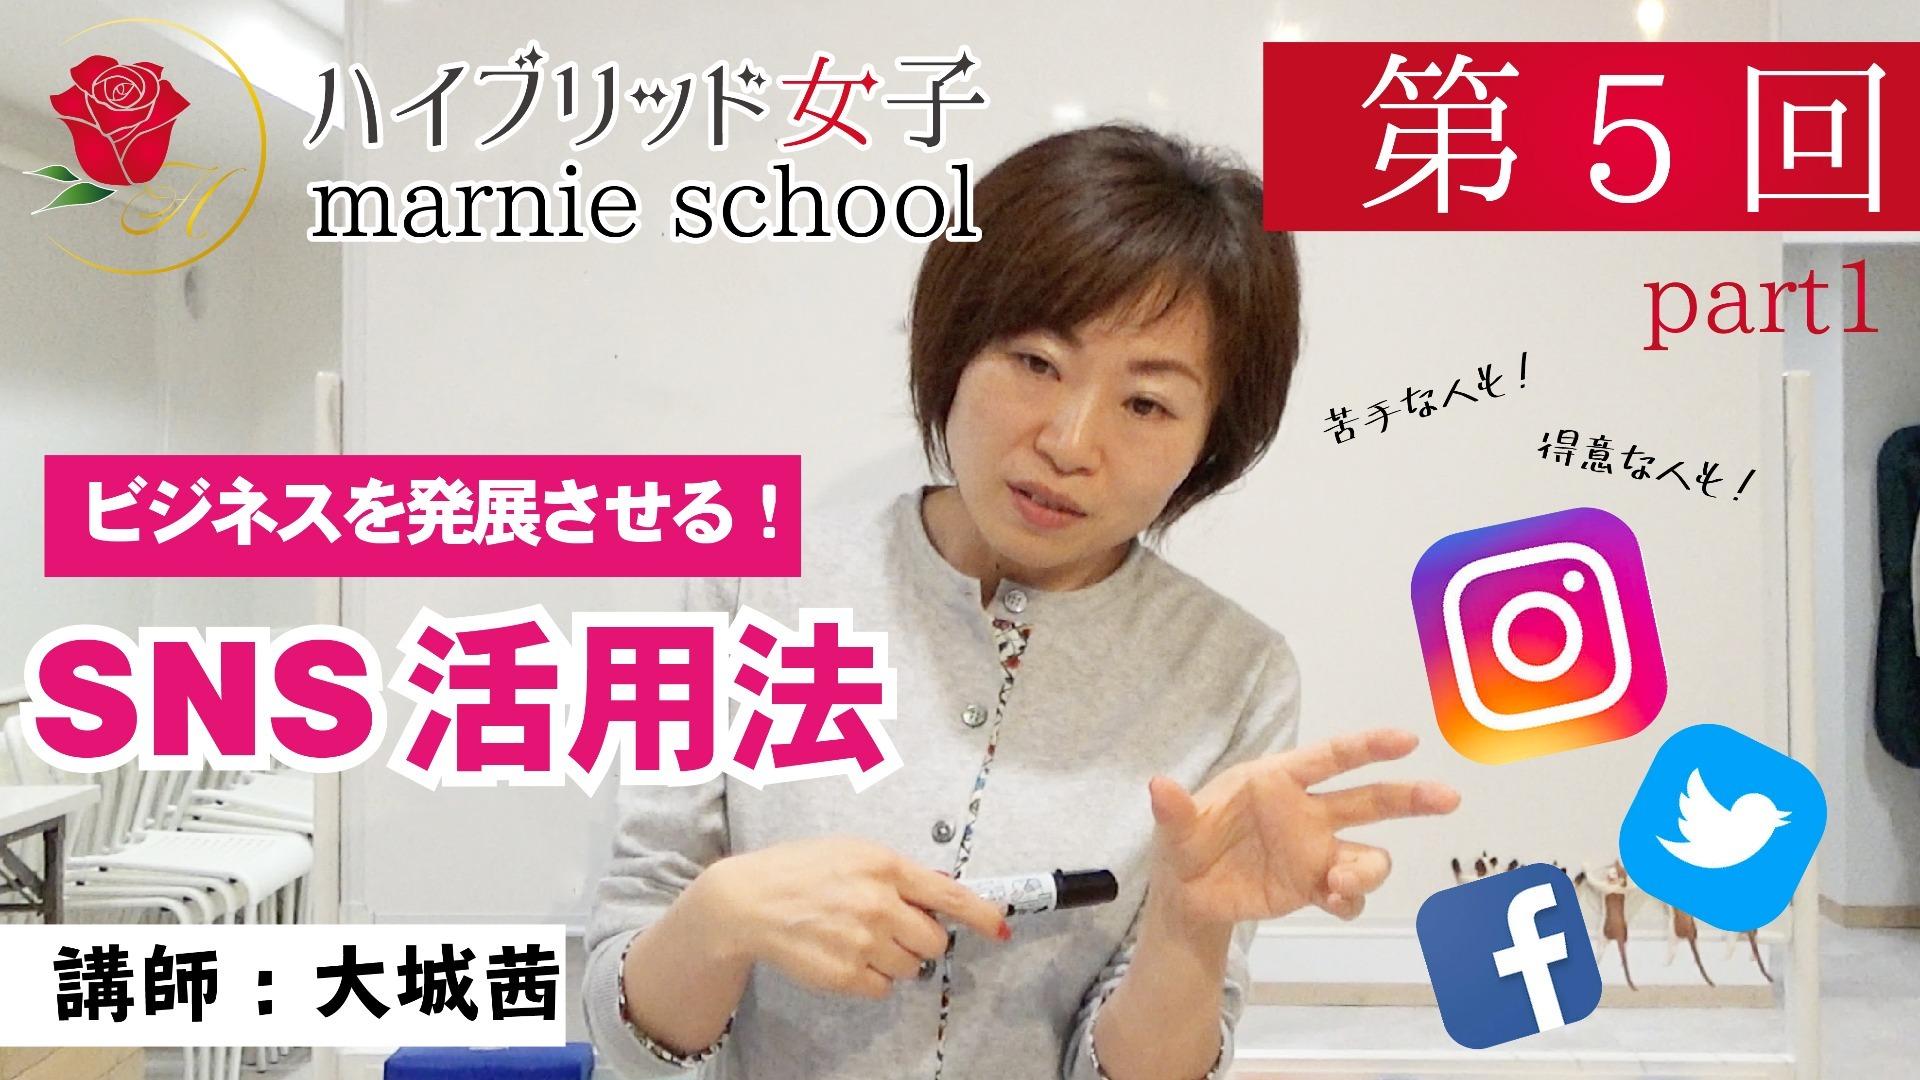 【中級編】 Marnie school 第5回part1